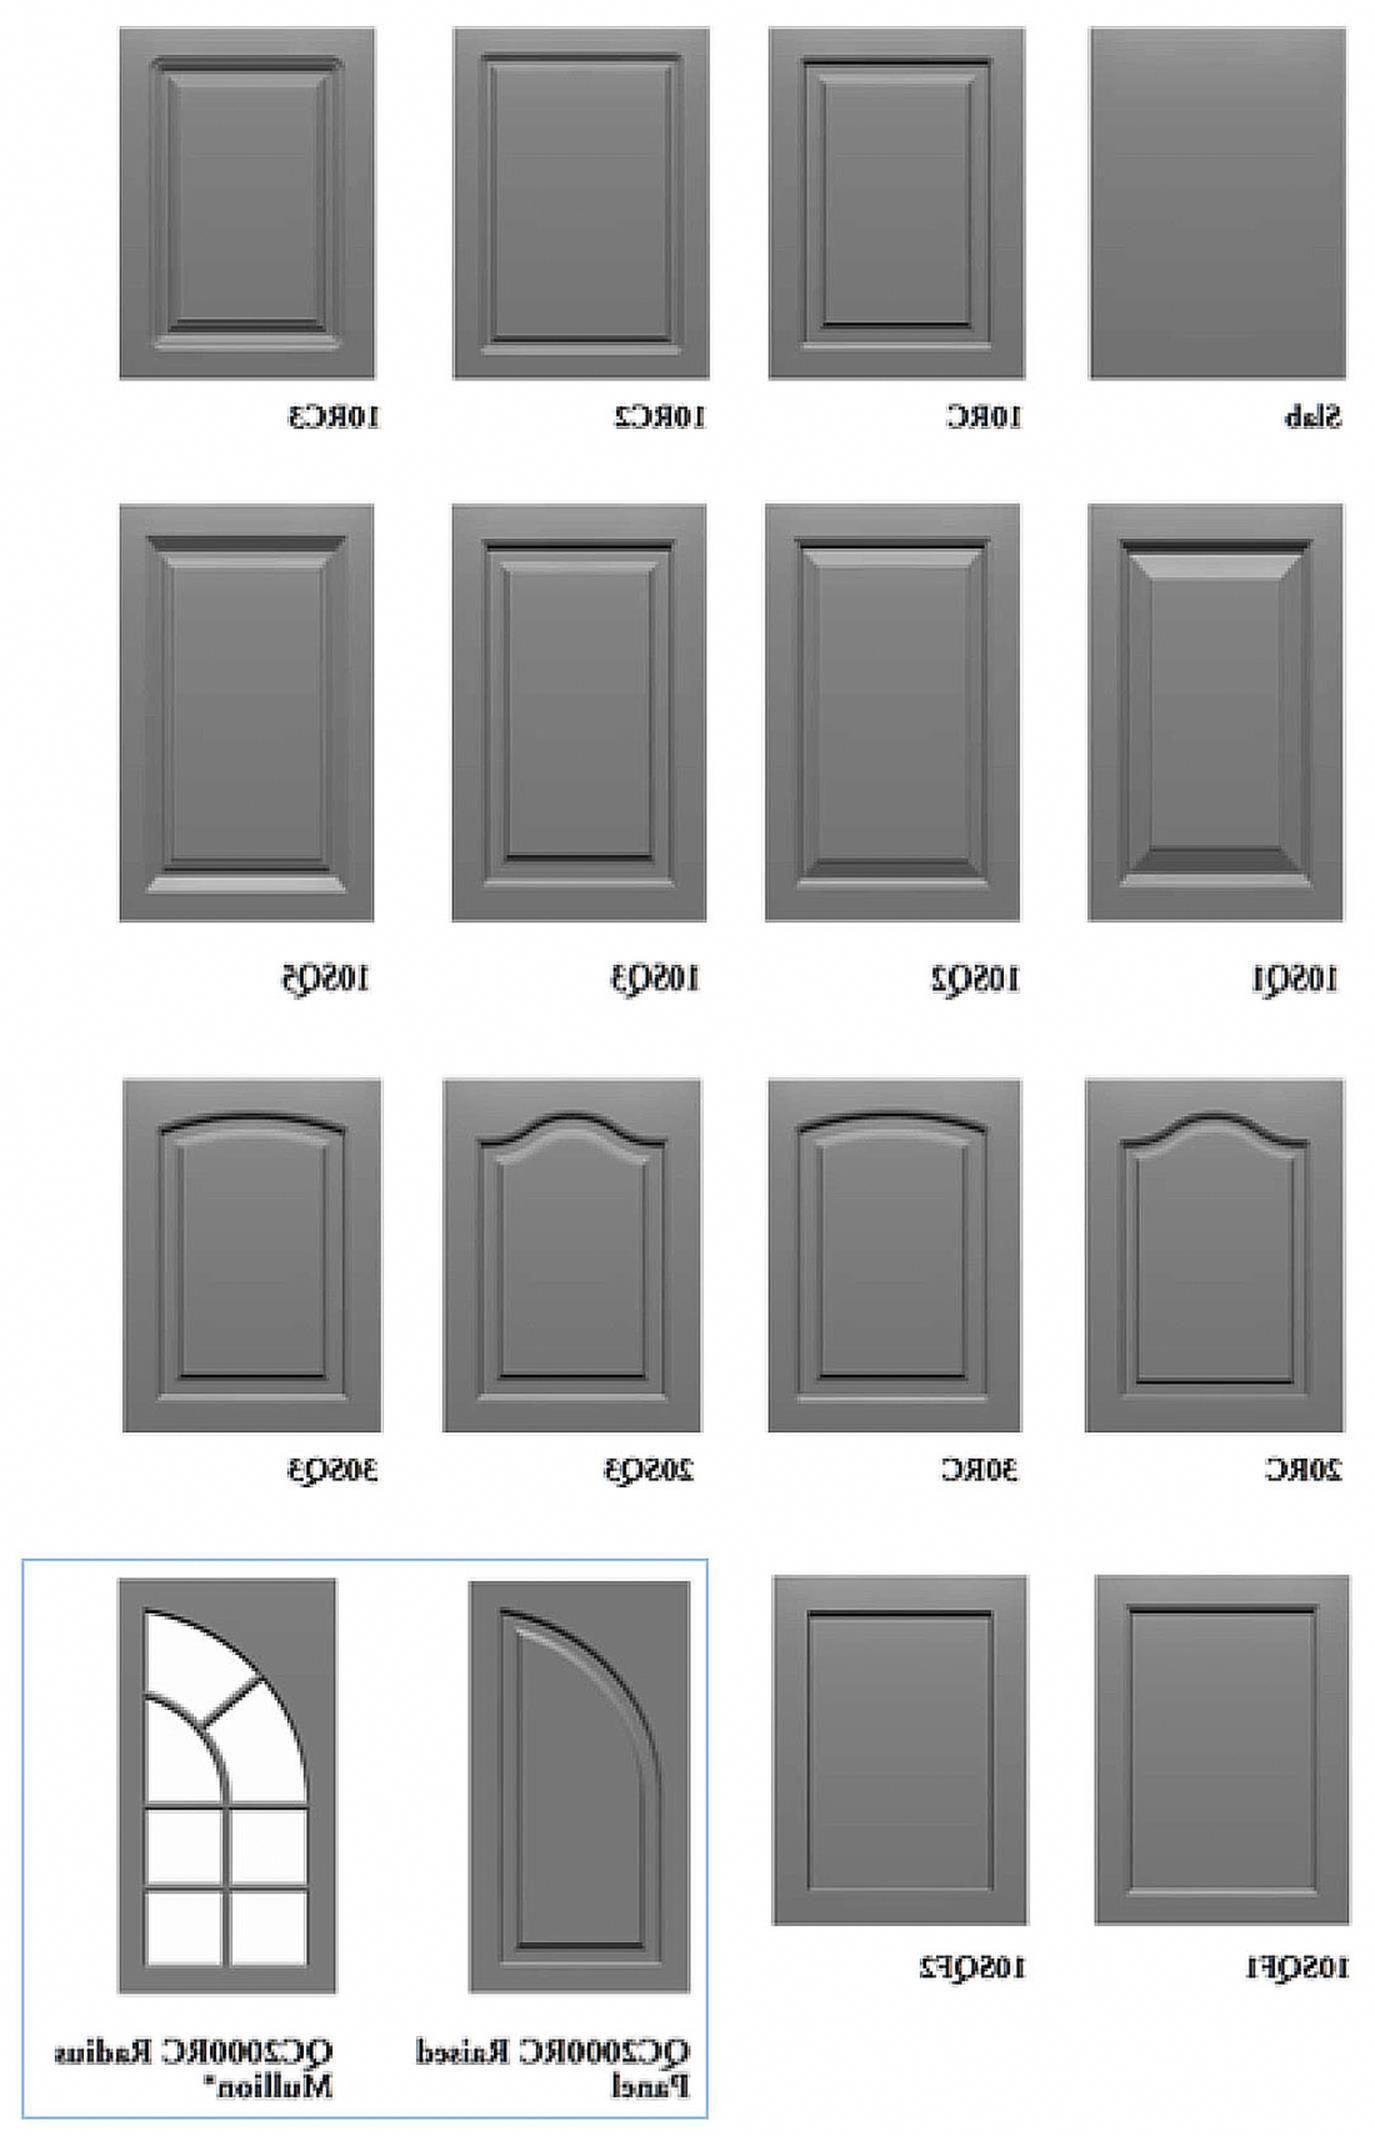 High Quality Conestoga Doors To Fit Every Kitchen And Bathroom Need 18 Its Home Ideas In 2020 Kitchen Cabinet Door Styles Kitchen Door Designs Cabinet Door Designs